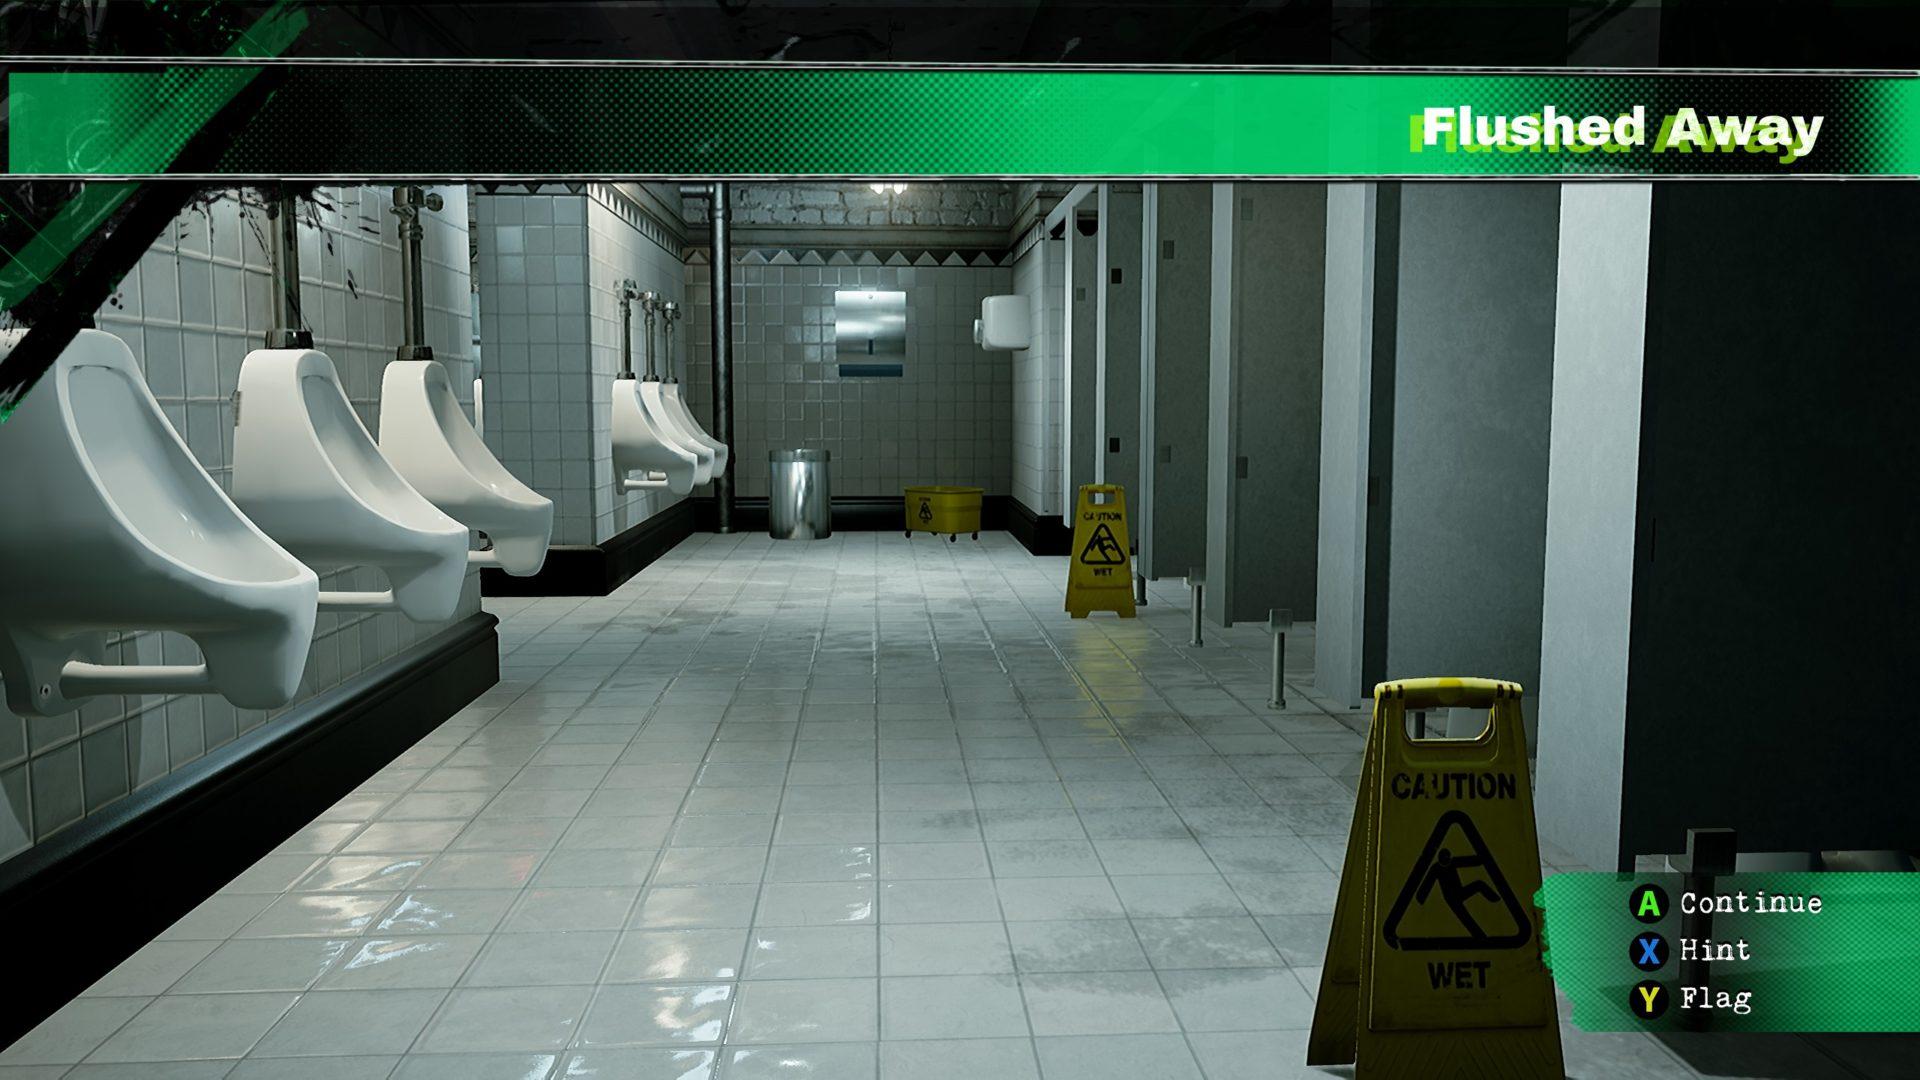 2_5_a_FlushedAway